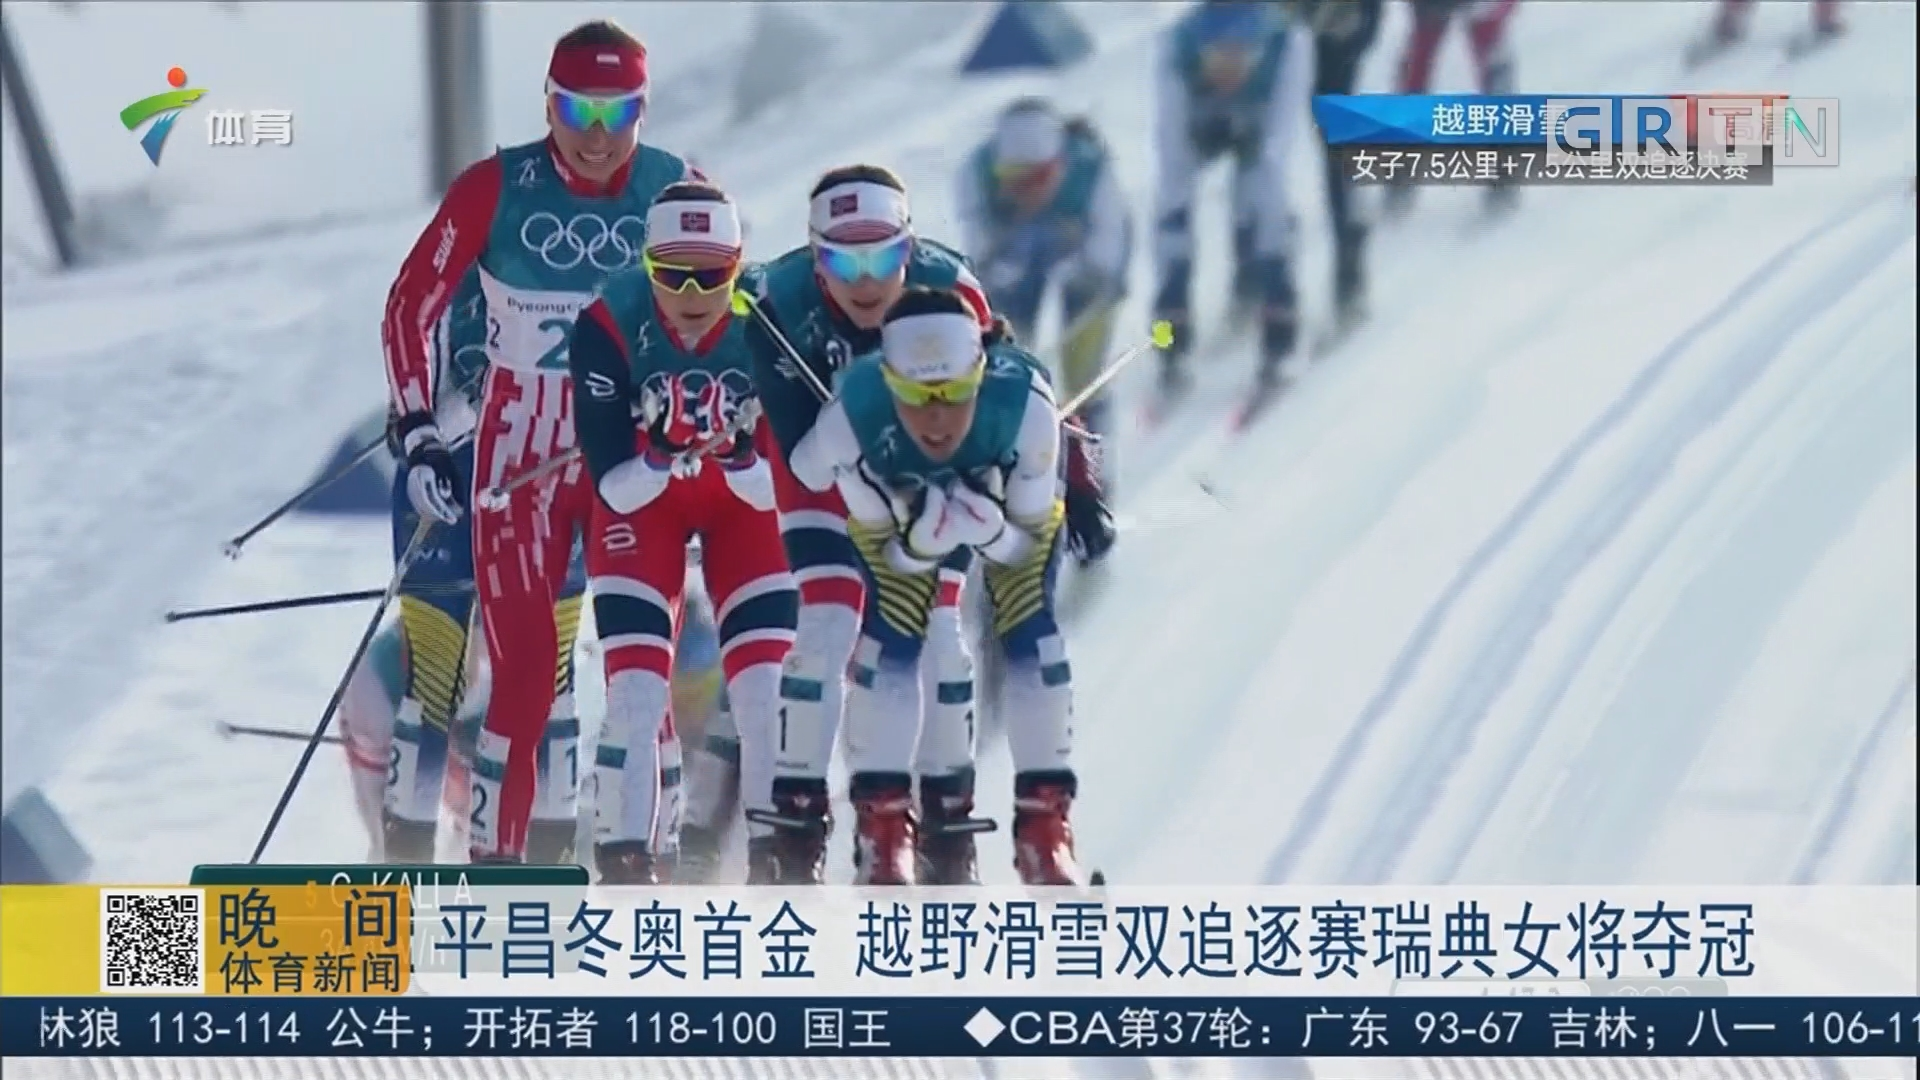 平昌冬奥首金 越野滑雪双追逐赛瑞典女将夺冠